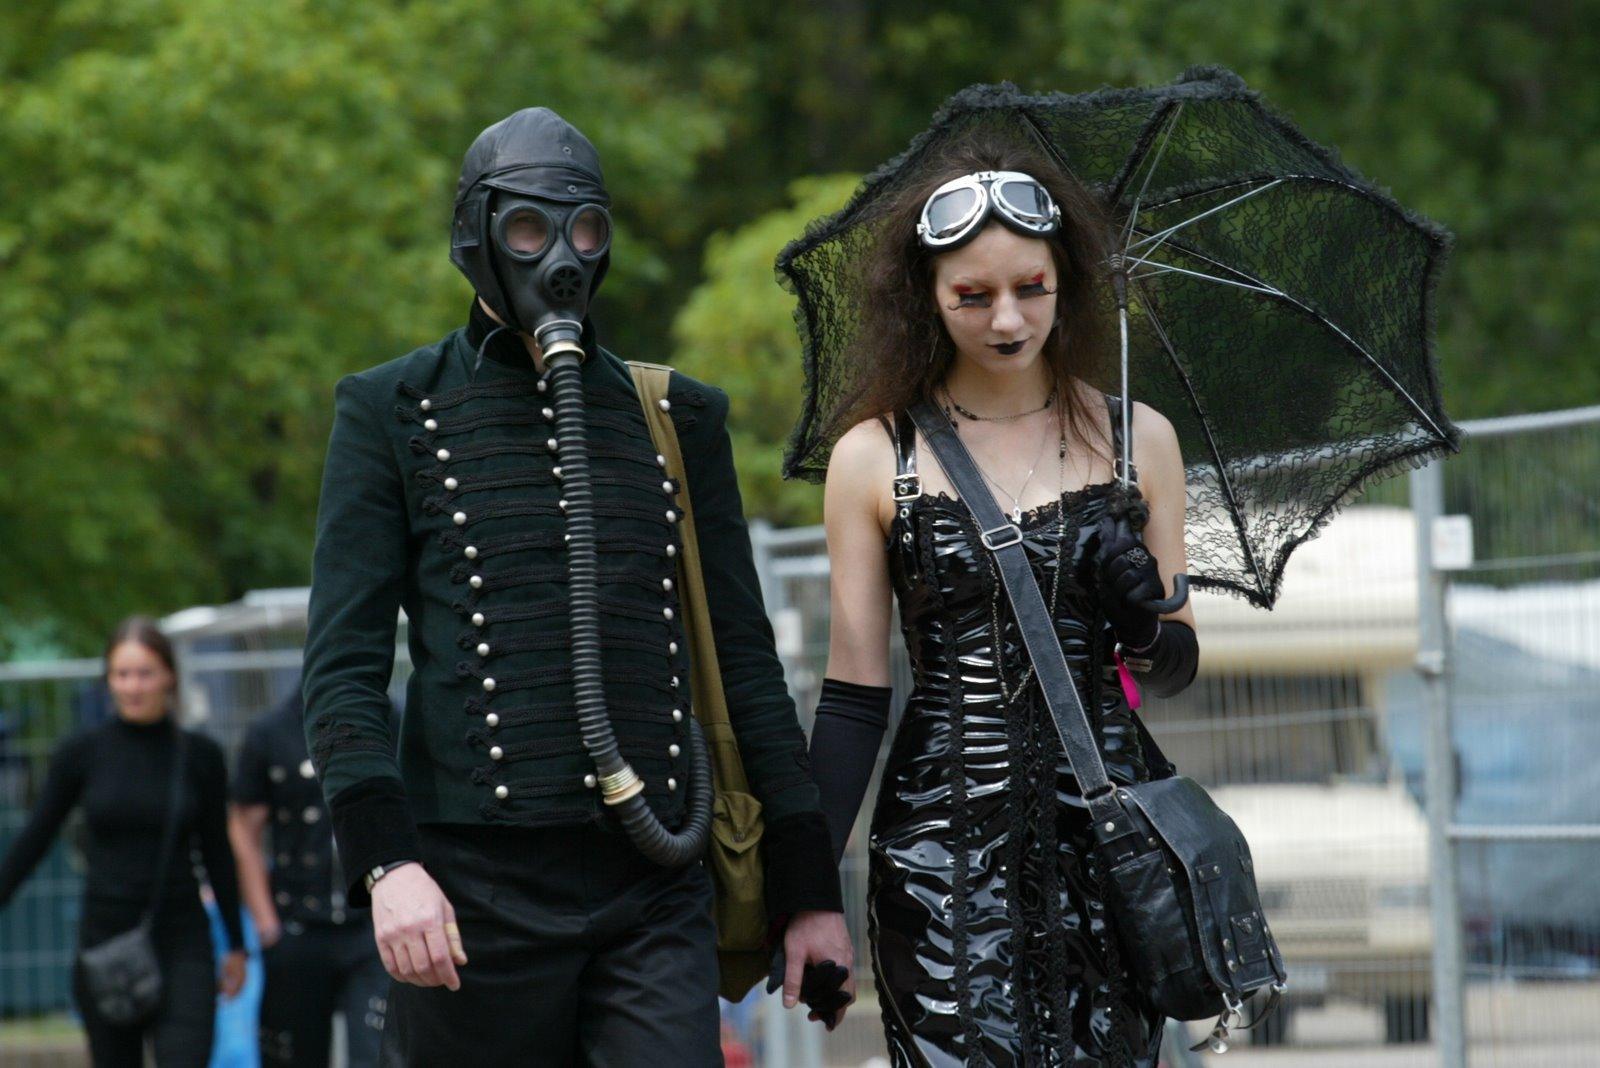 Gothic singles chemnitz